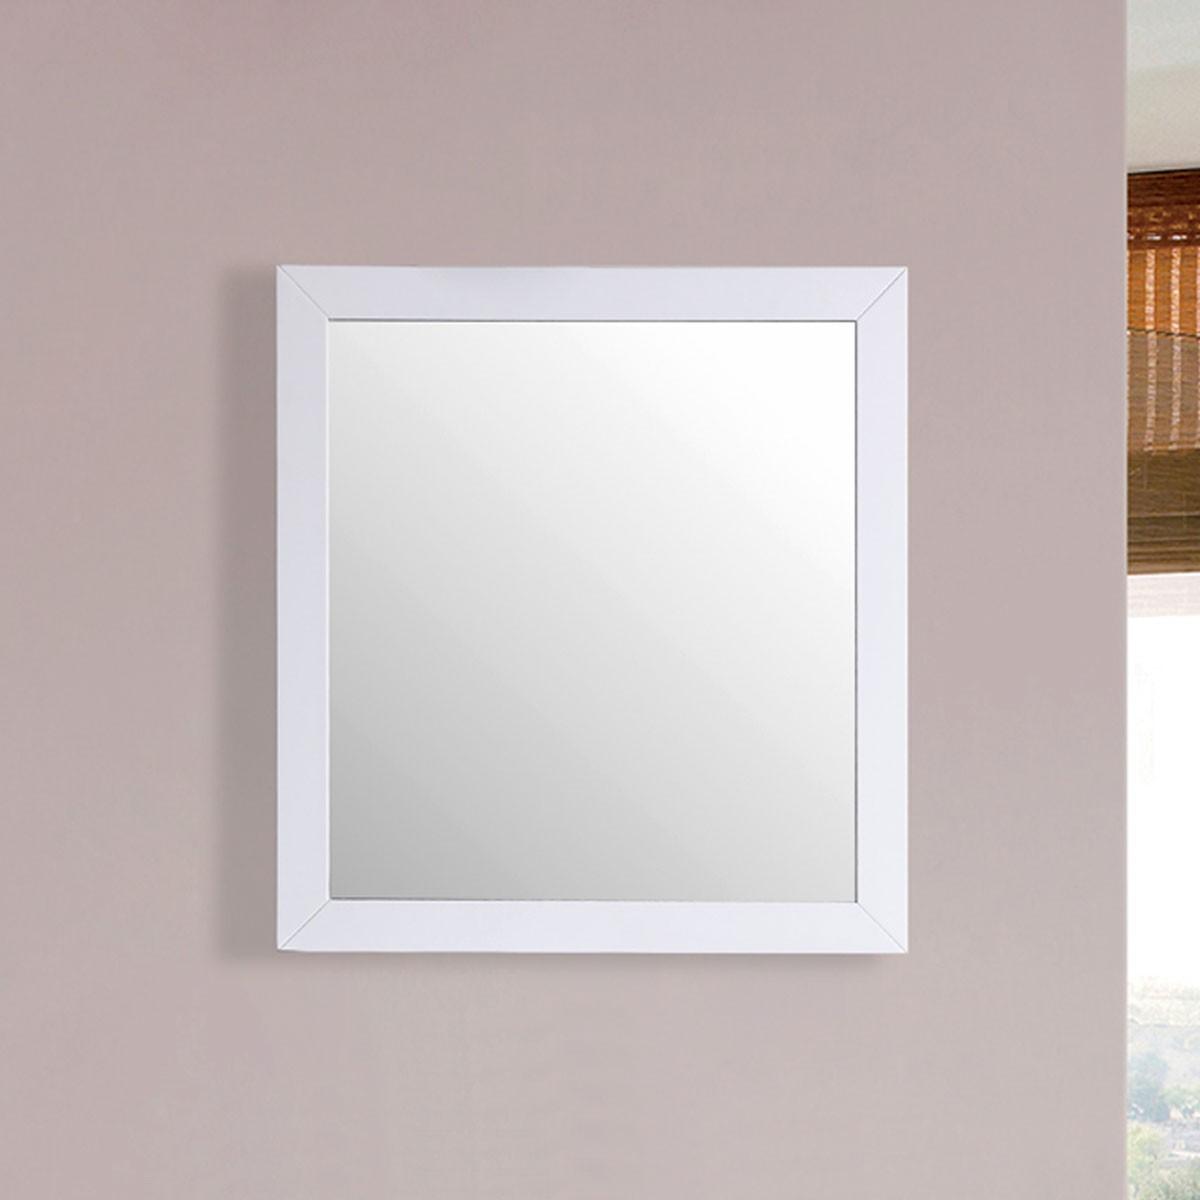 30 x 31 In. Mirror with White Frame (DK-T9312-30WM)